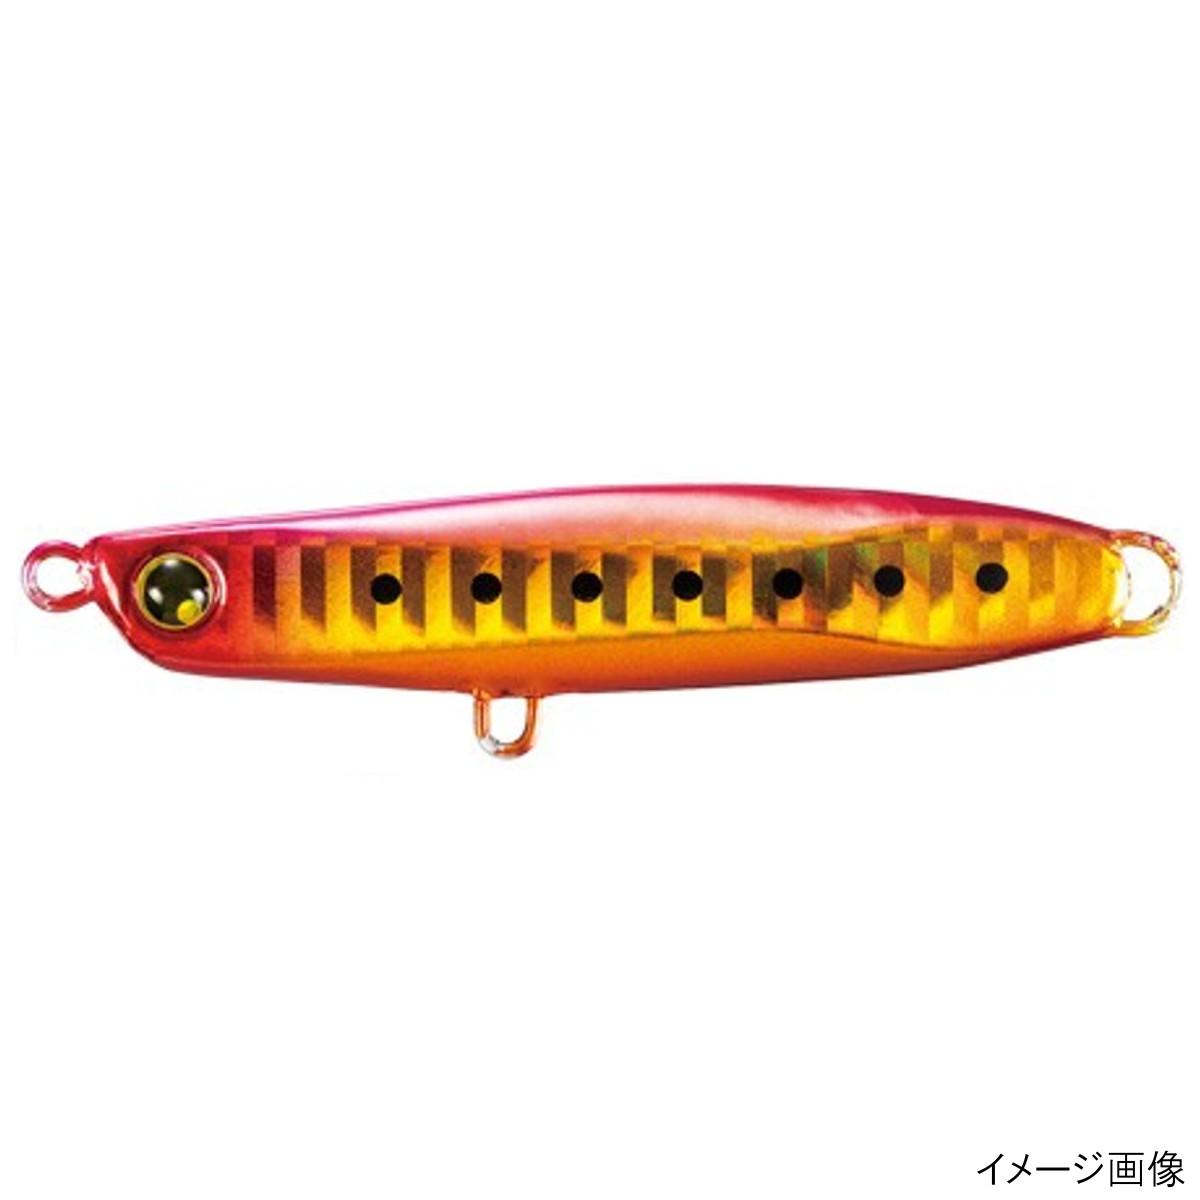 シマノ 熱砂 スピンビーム OO-232M 32g 28T(ピンクファイヤー)【ゆうパケット】